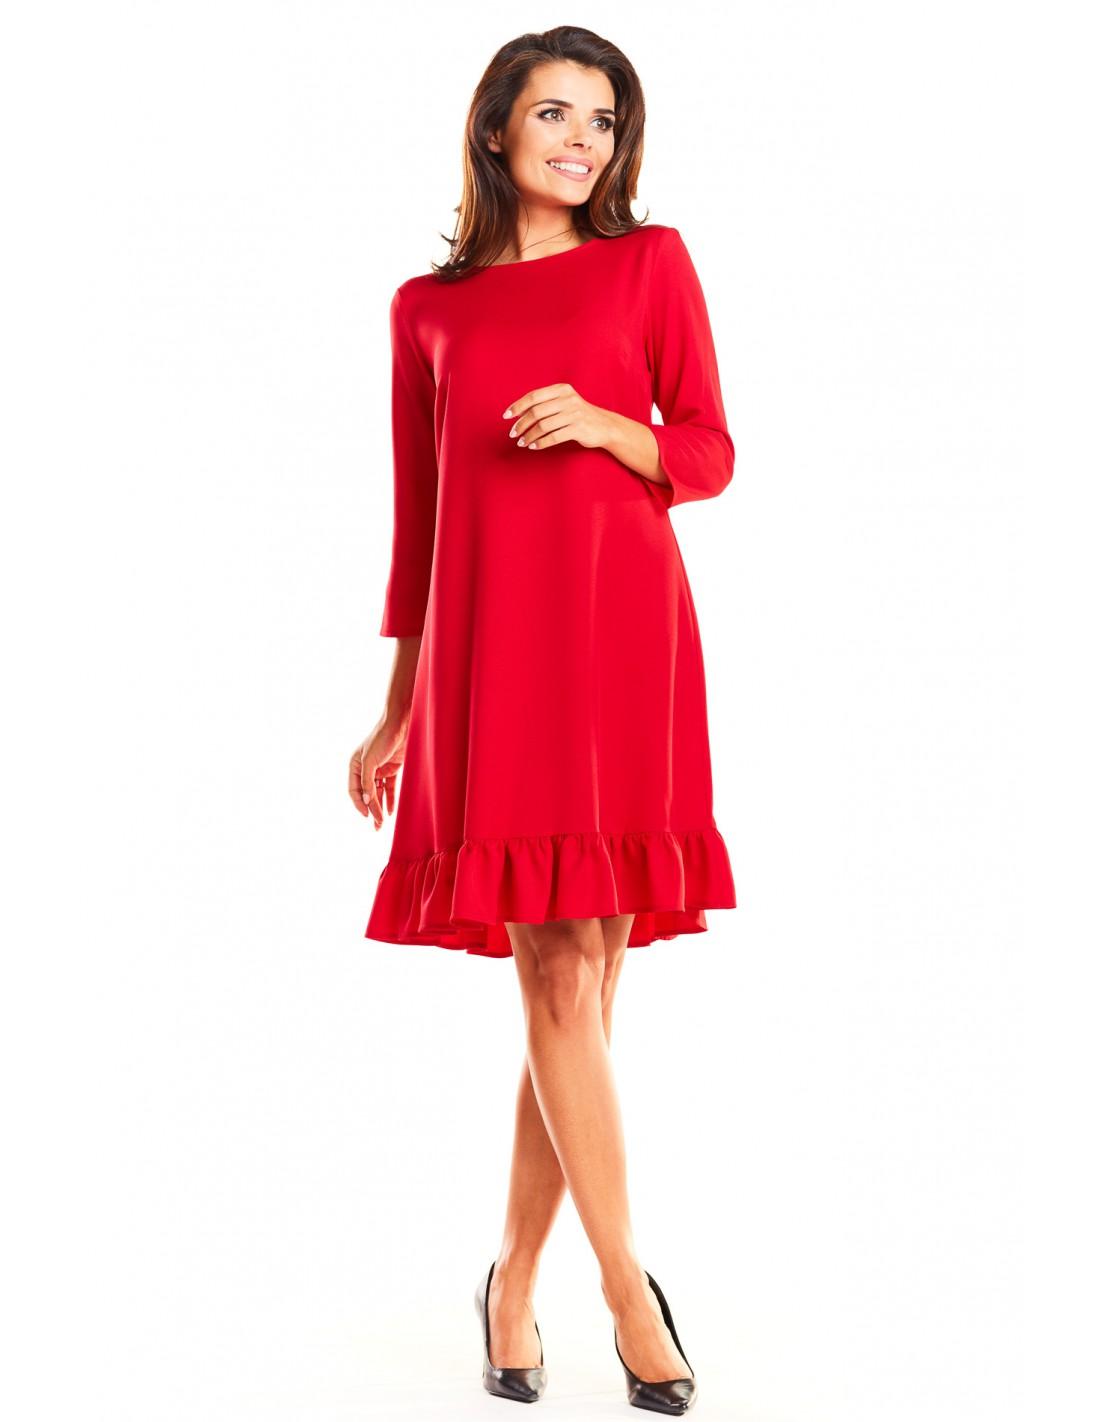 Trapezowa sukienka z rękawem 34 i falbanką czerwona Rozmiar 36 (S)